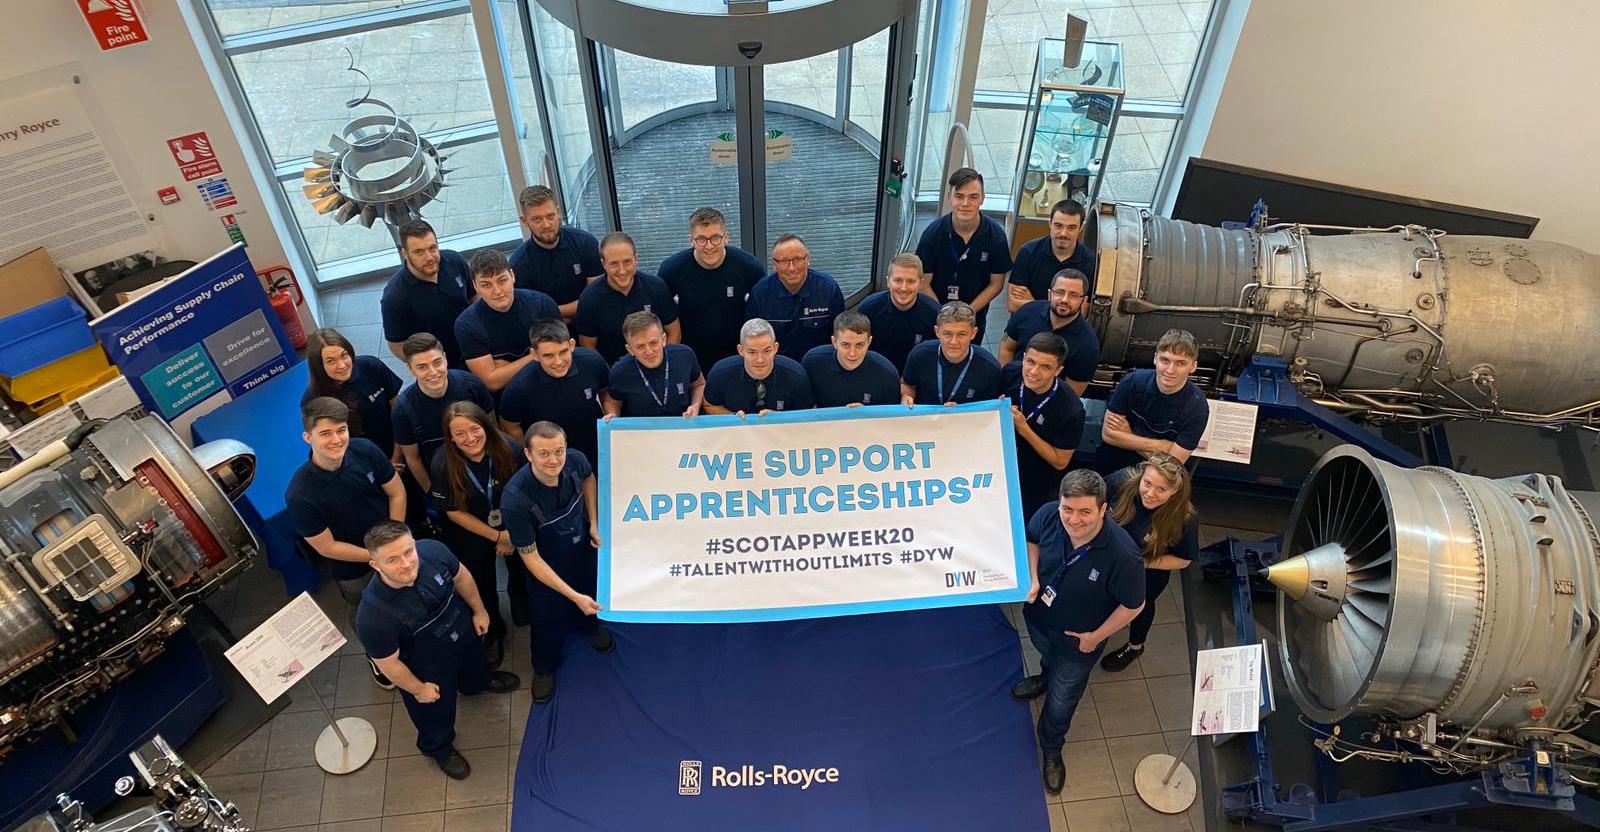 Scottish Apprenticeship Week 2020